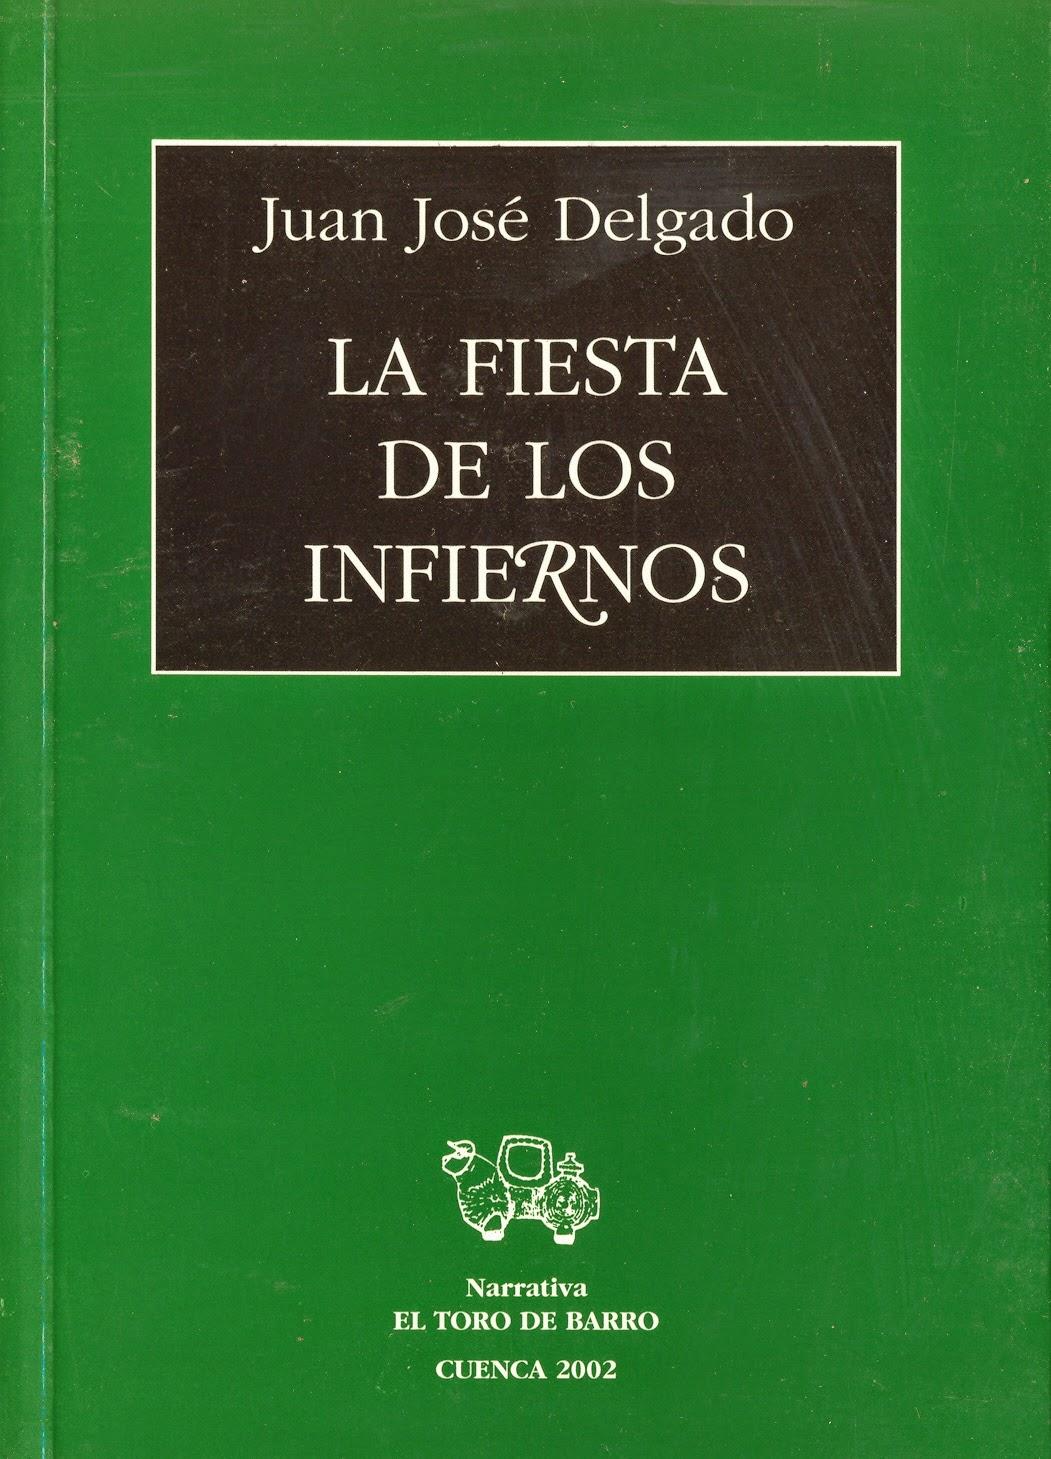 """Juan José Delgado, """"La fiesta de los infiernos"""". Col. Narrativa. Ed. El Toro de Barro, Tarancón de Cuenca, 2002. PVP: 15 euros edicioneseltorodebarro@yahoo.es"""